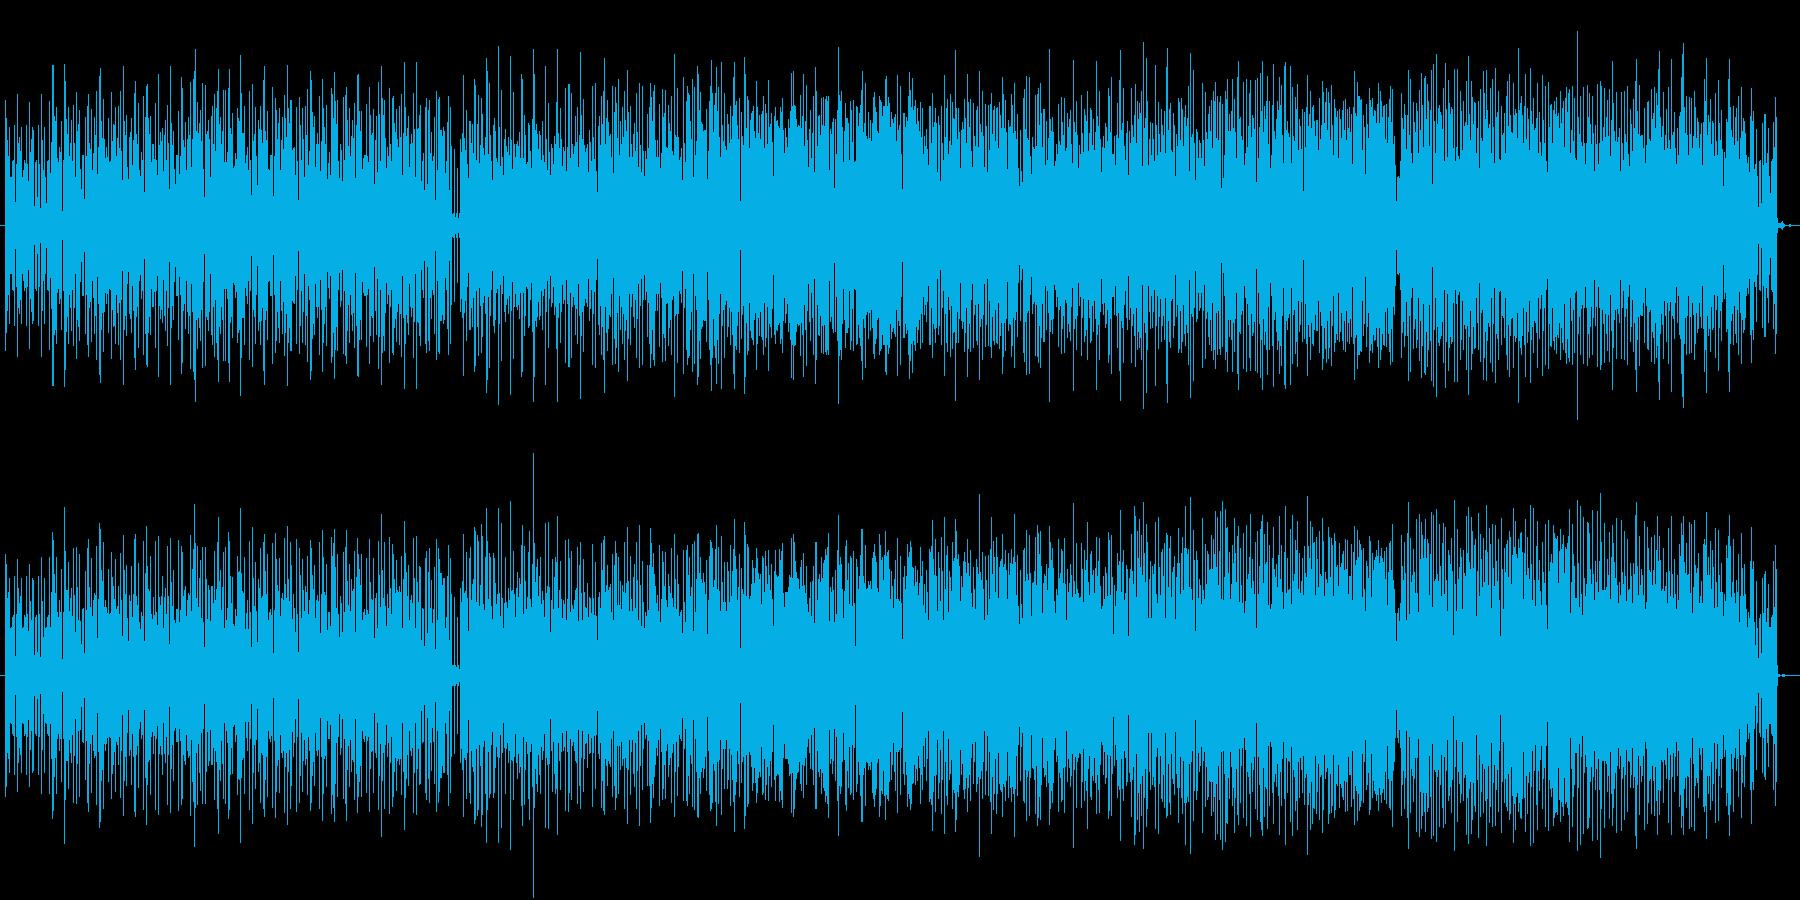 冬の寒い海や空気をイメージした切ない曲の再生済みの波形